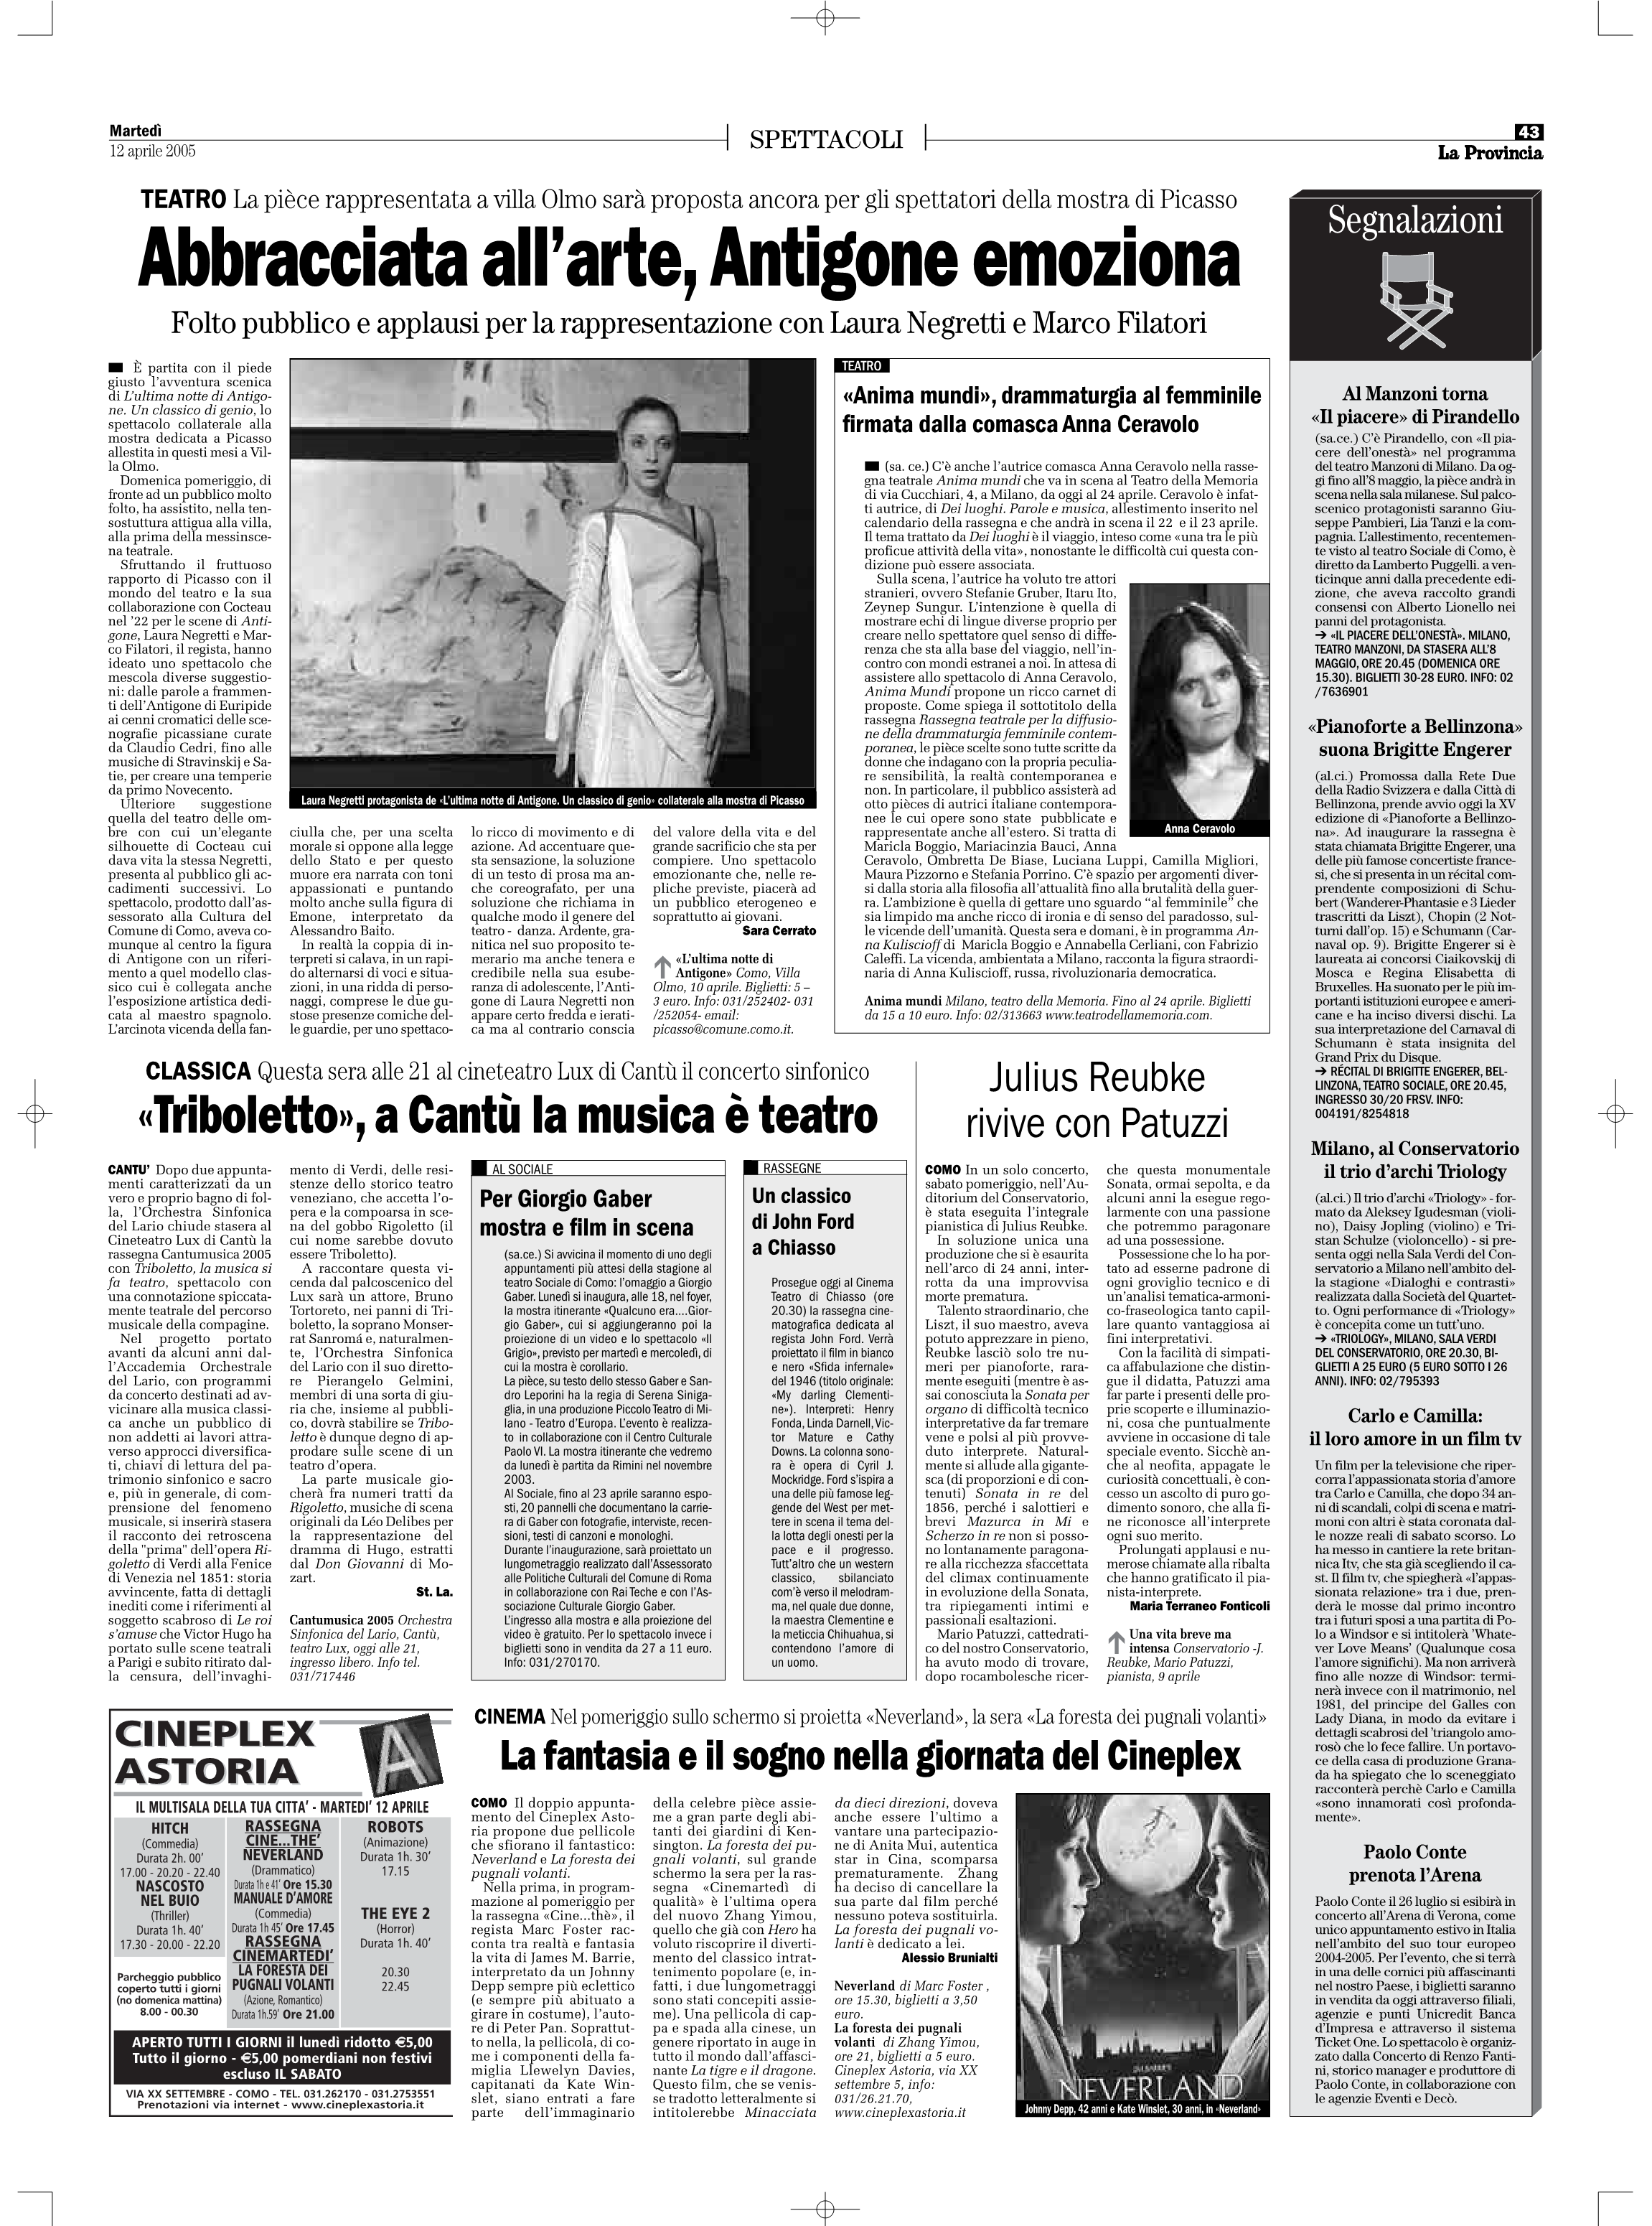 RECENSIONE La Provincia 12 aprile 2005